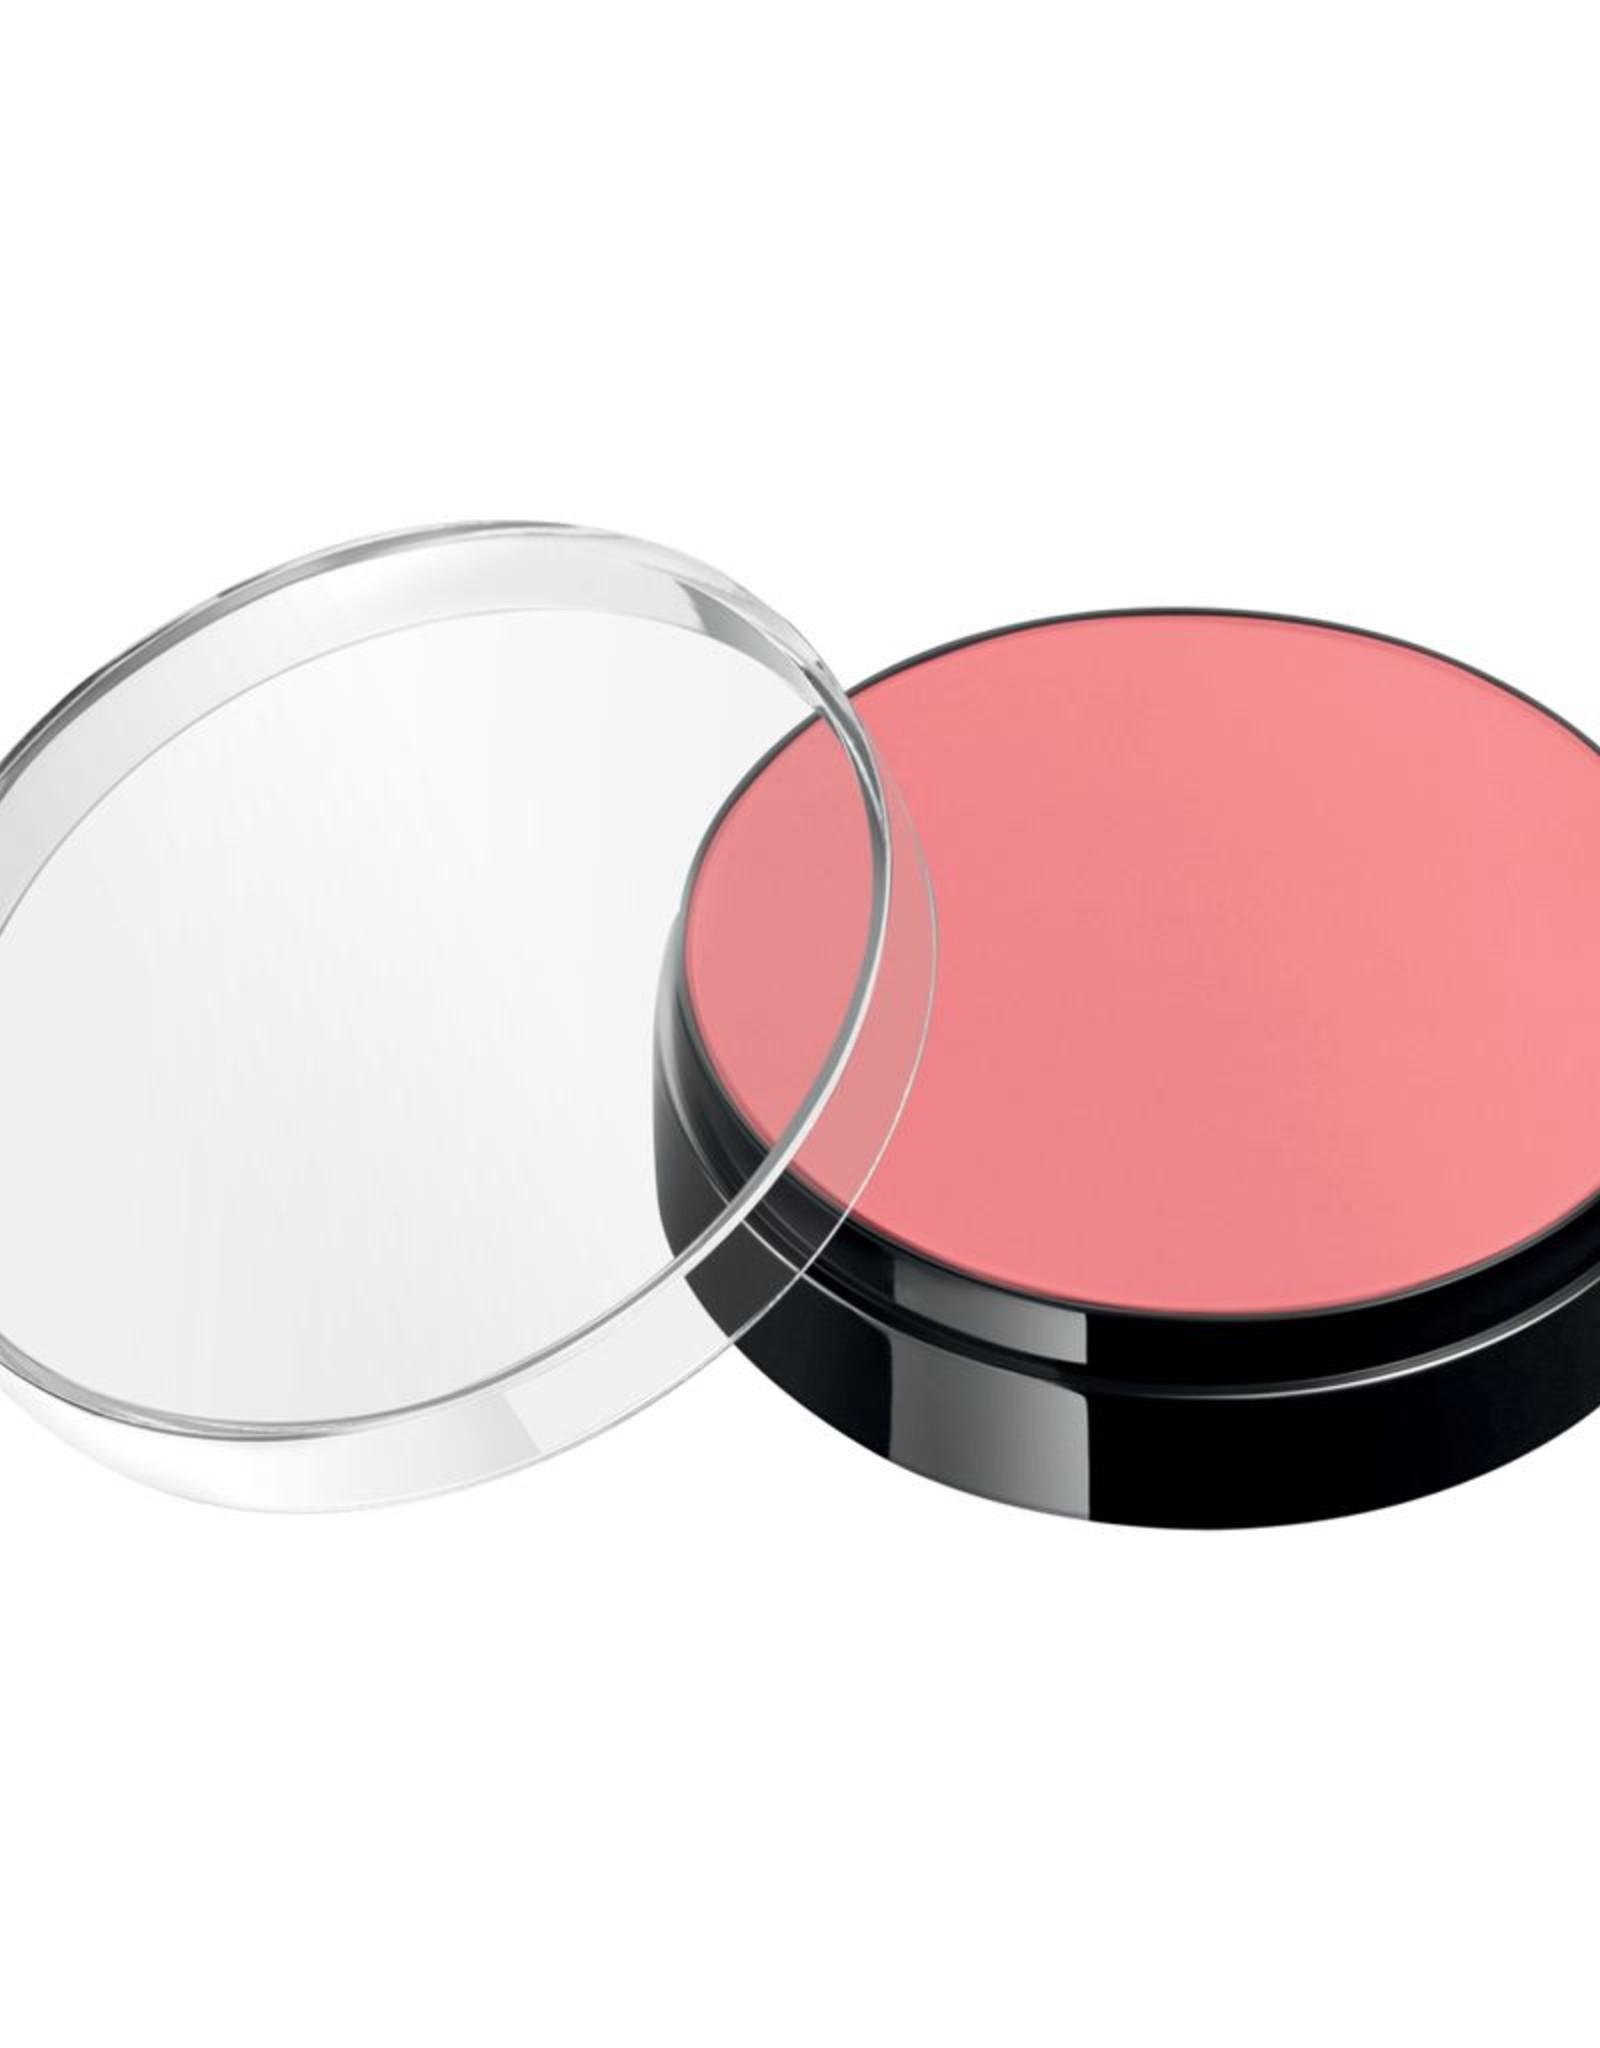 MUFE FARD A L'EAU 40g 03  rose poupee /   baby pink